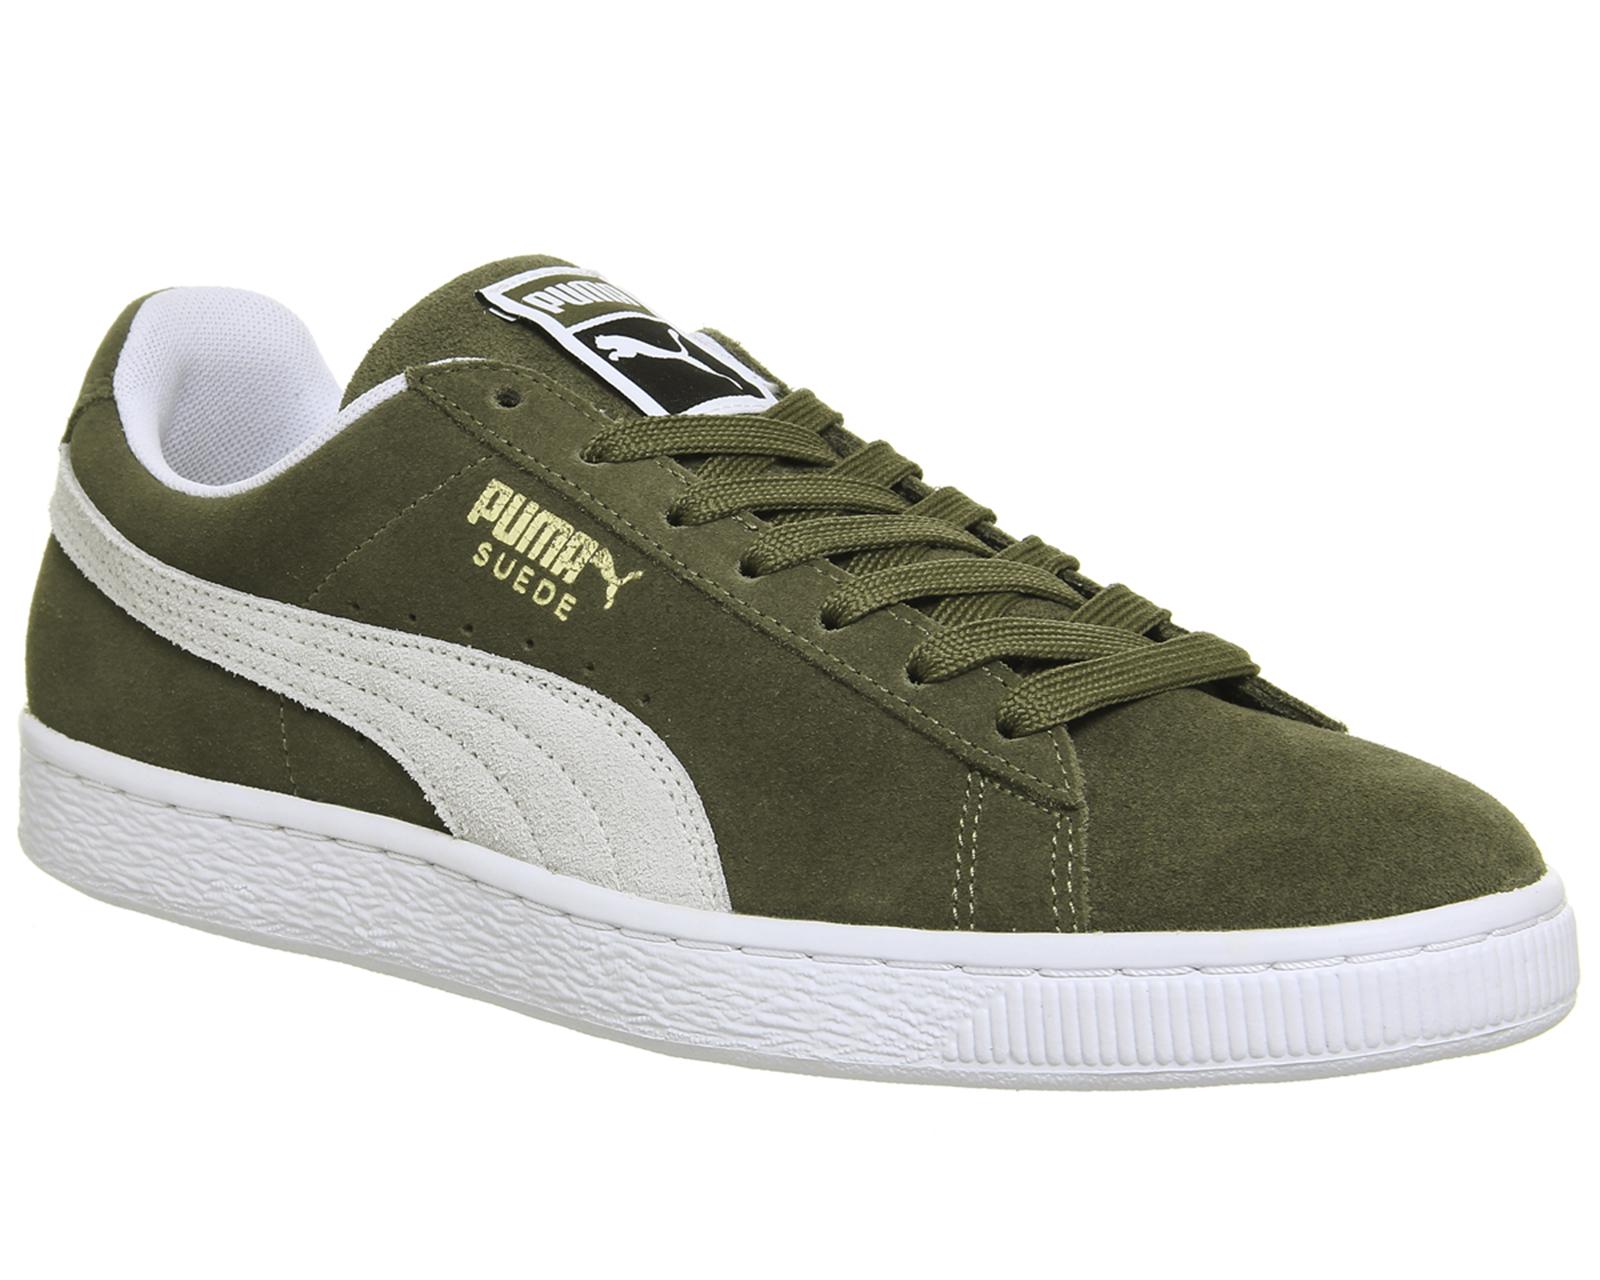 Puma - Zapatillas para hombre verde verde oliva, color verde, talla 44